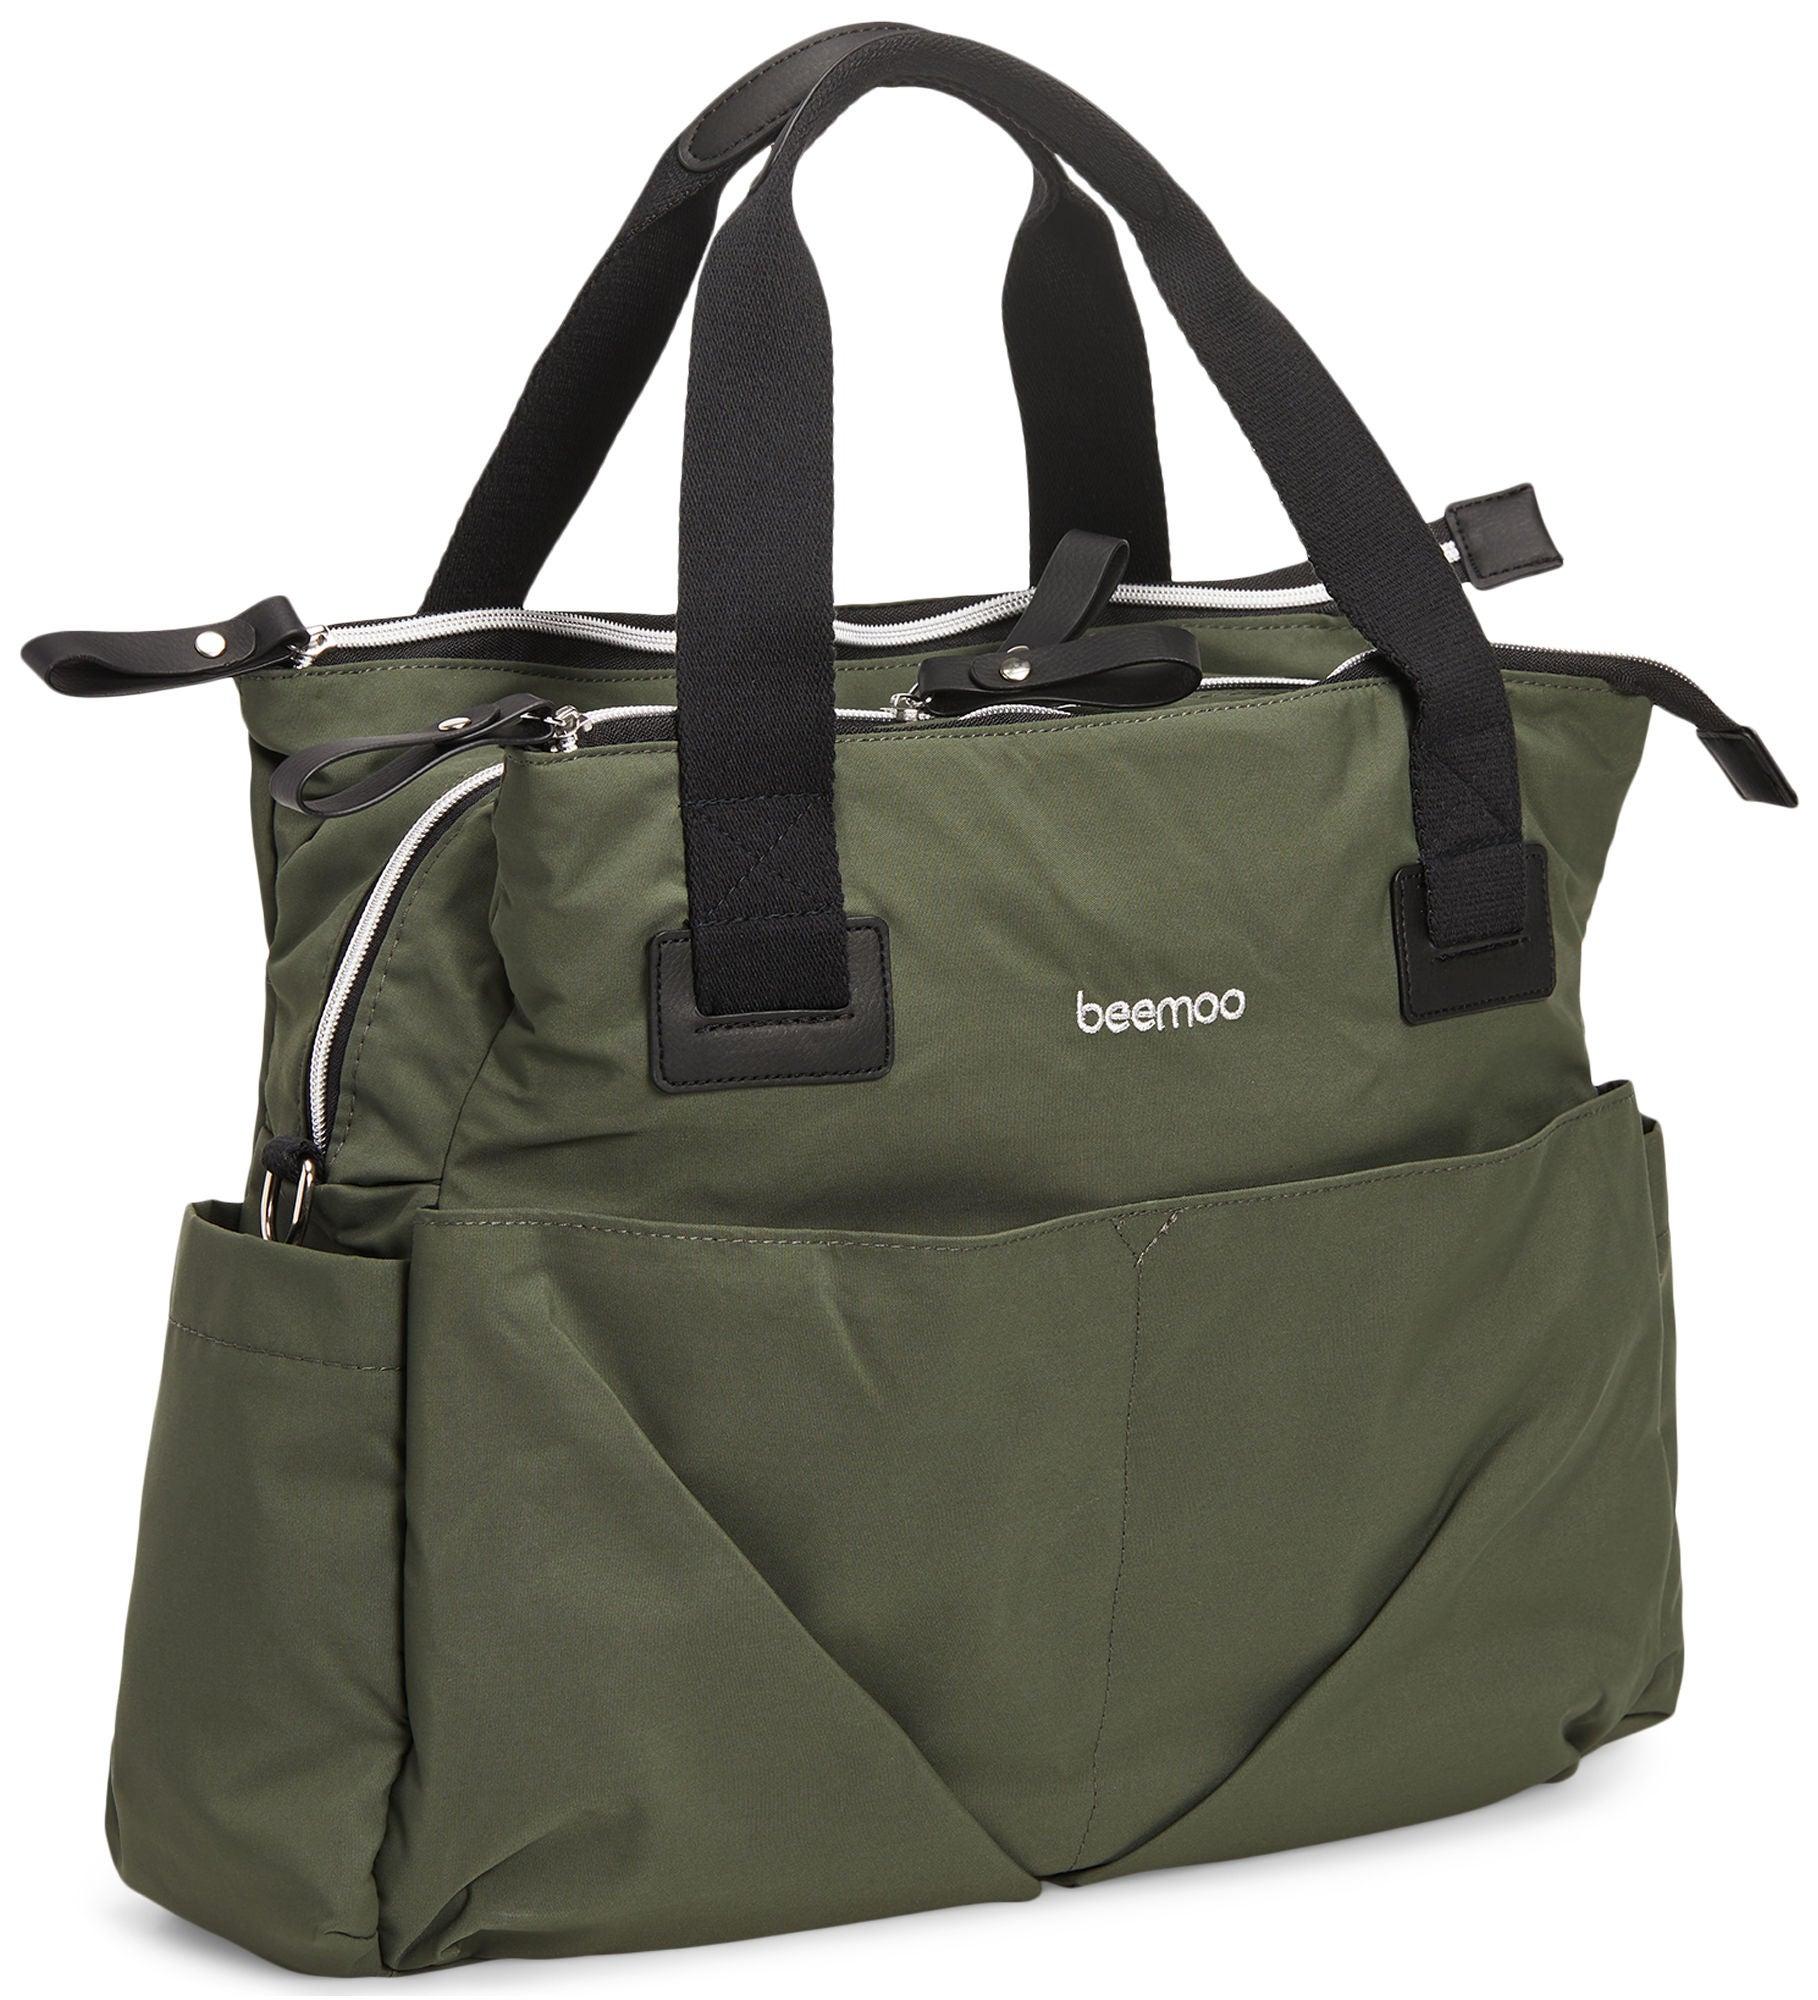 Beemoo Pro Hoitolaukku, Green